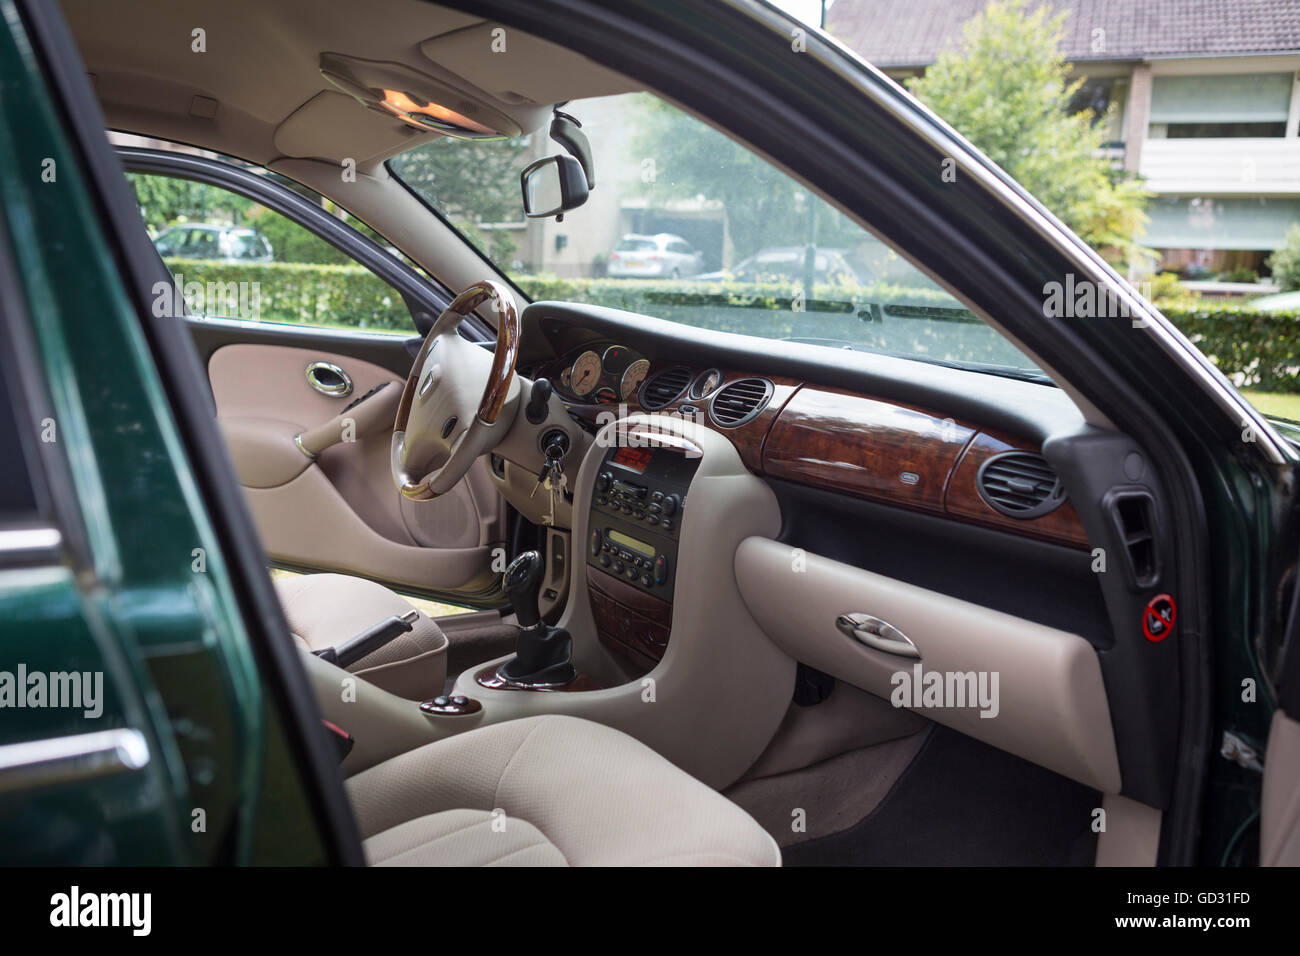 rover 75 auto innenfarbe grn mit einer walnuss dashboard stockbild